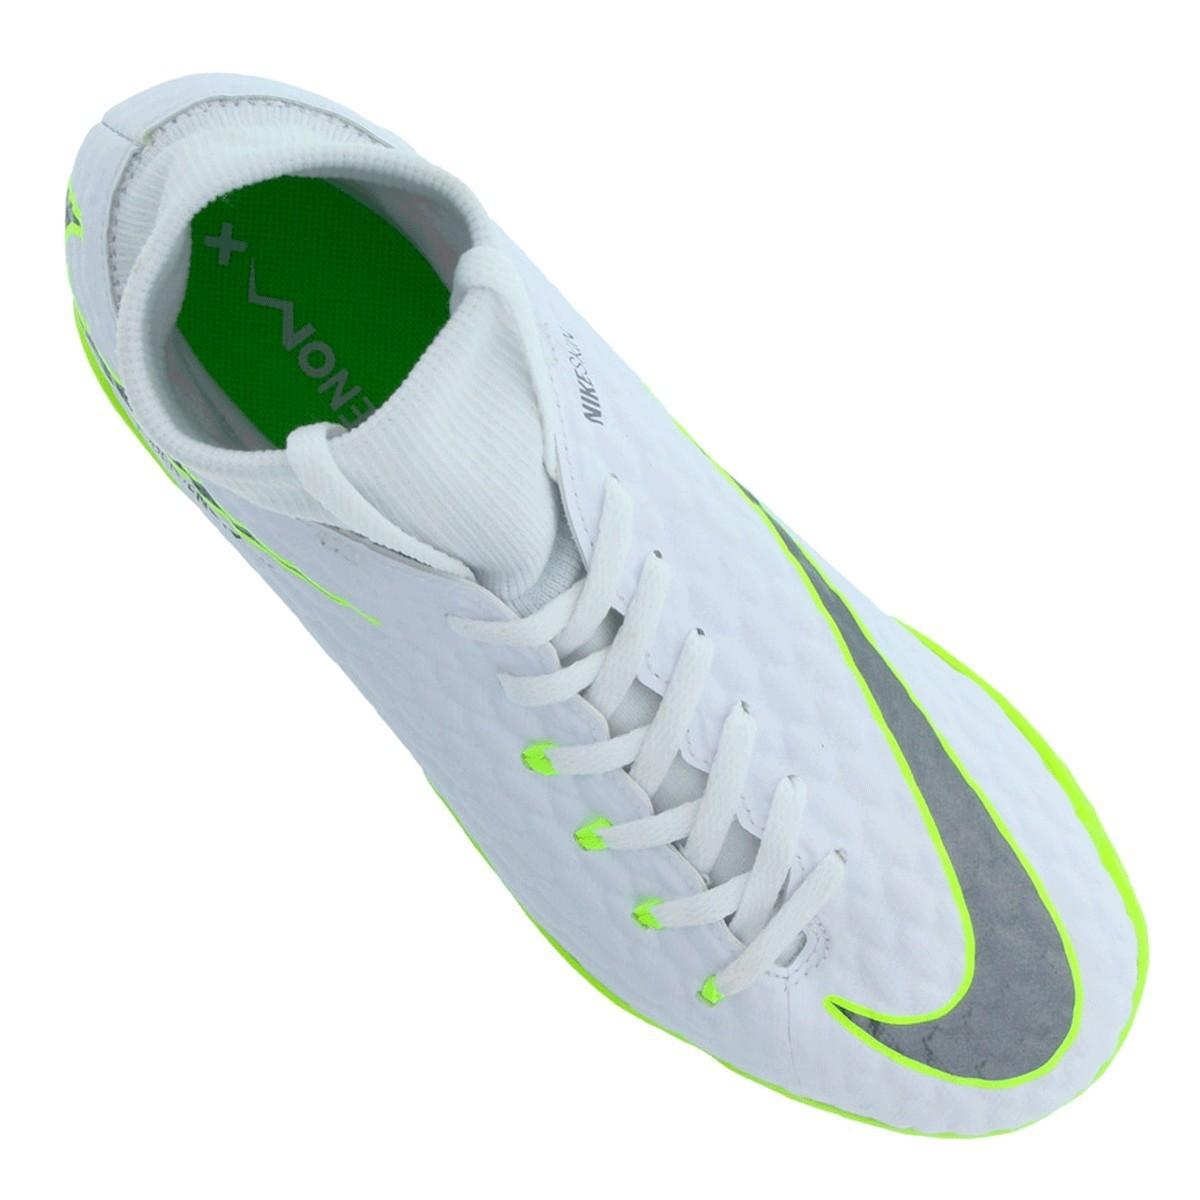 Chuteira Nike Futsal Hypervenom Phantom Branco Verde